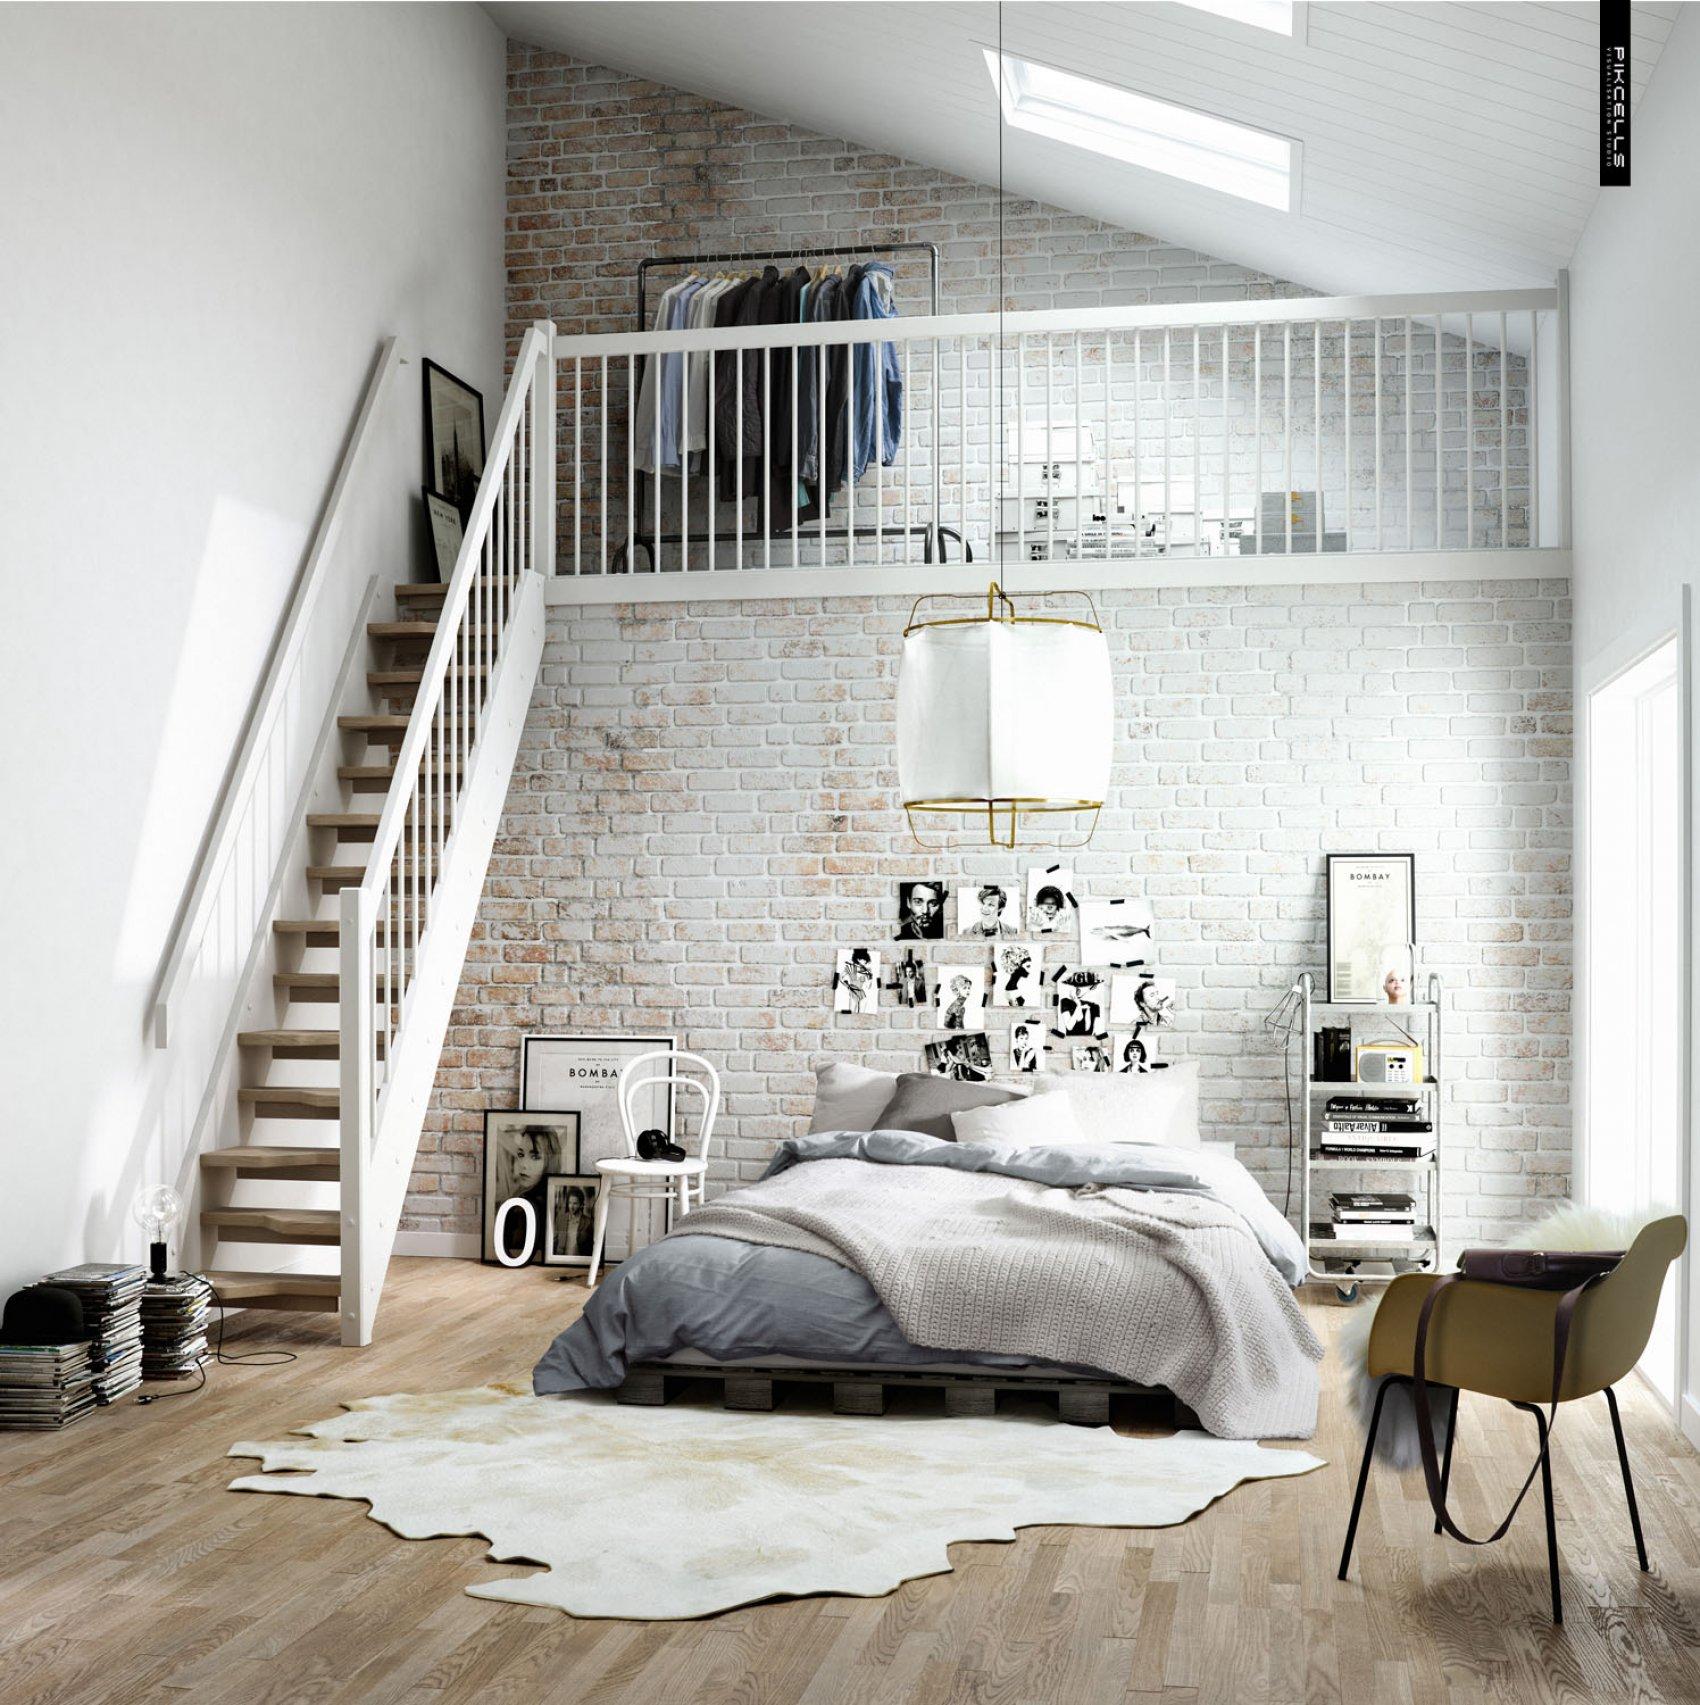 open plan room with whitewash brickwork